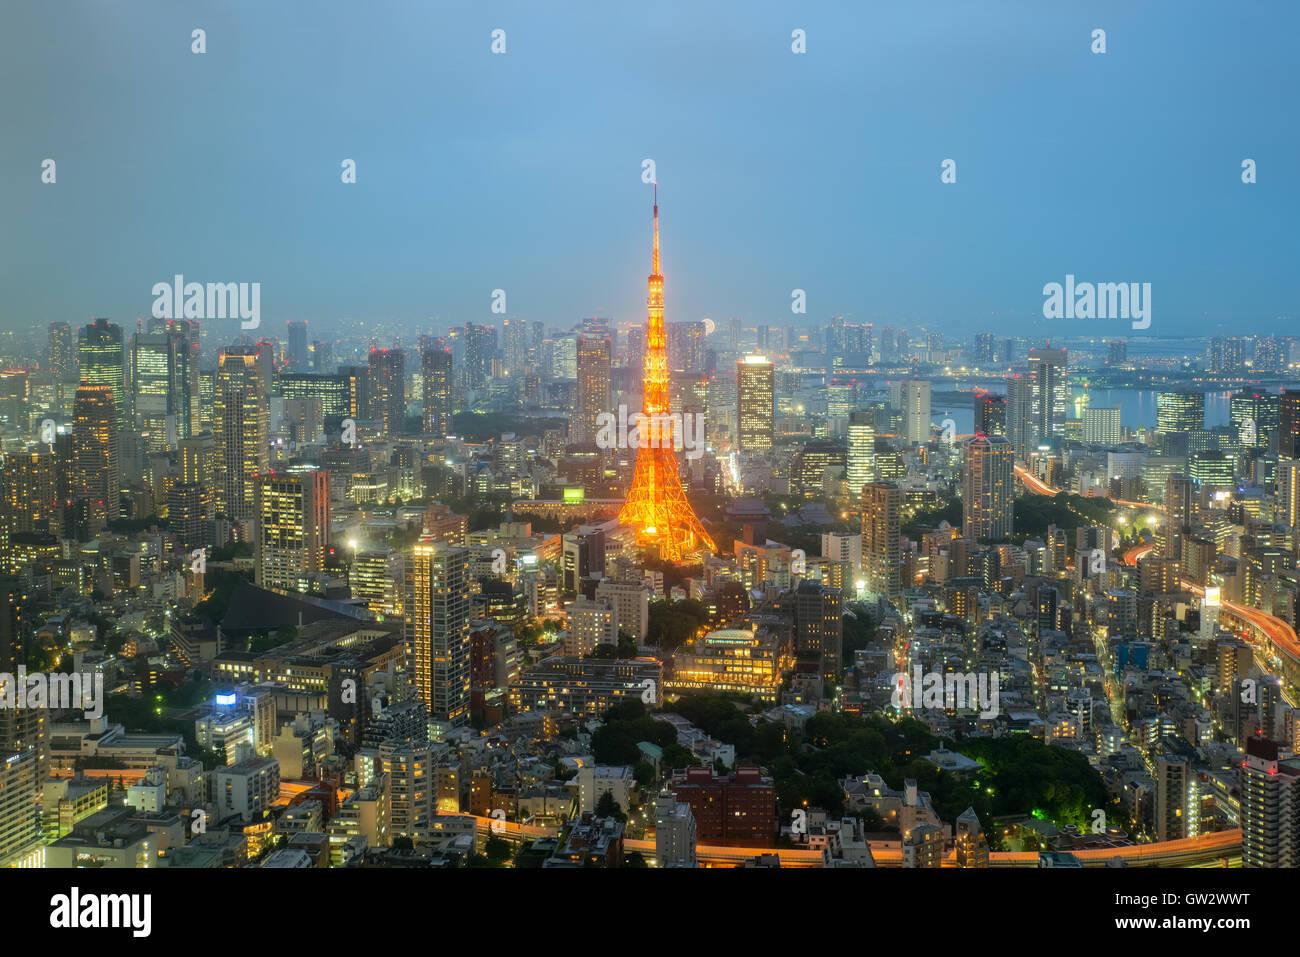 La tour de Tokyo et Tokyo city skyline et gratte-ciel de nuit à Tokyo, Japon Photo Stock